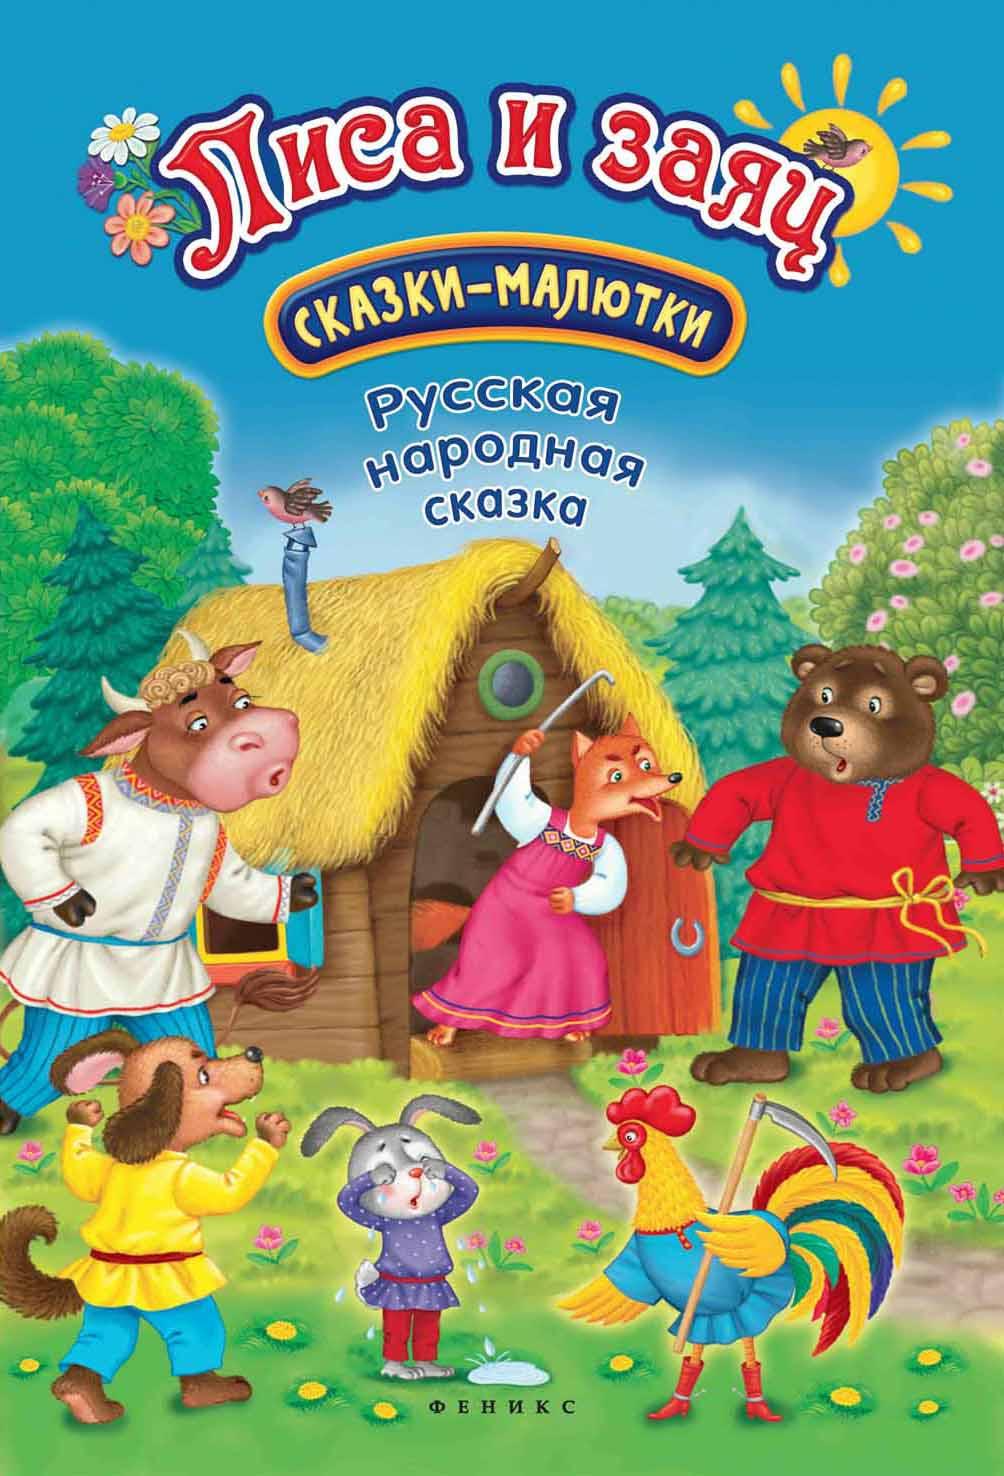 Купить Книга Феникс 8597 лиса и Заяц: Сказка-Малютка, Сказки